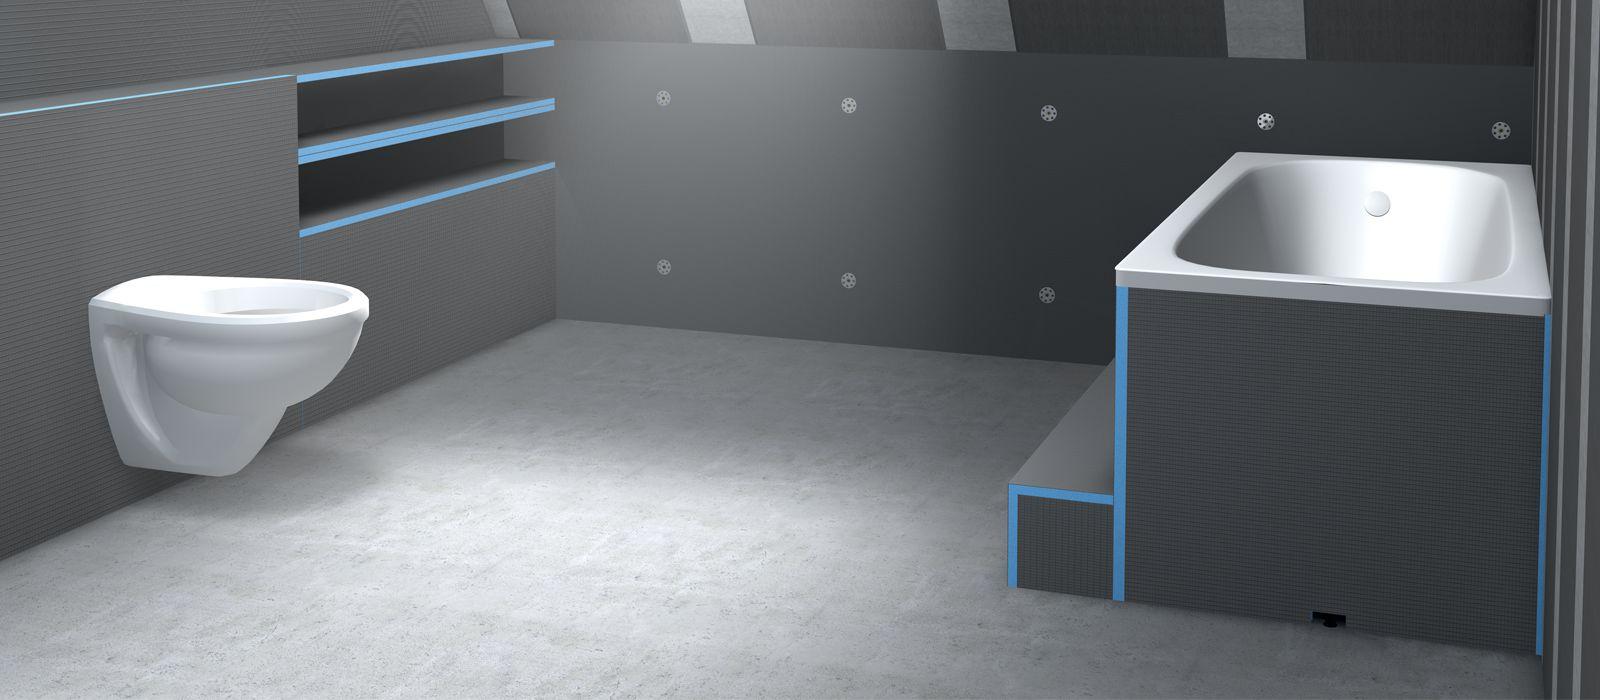 Panneaux De Construction – Wedi.de tout Plaque Renovation Salle De Bain